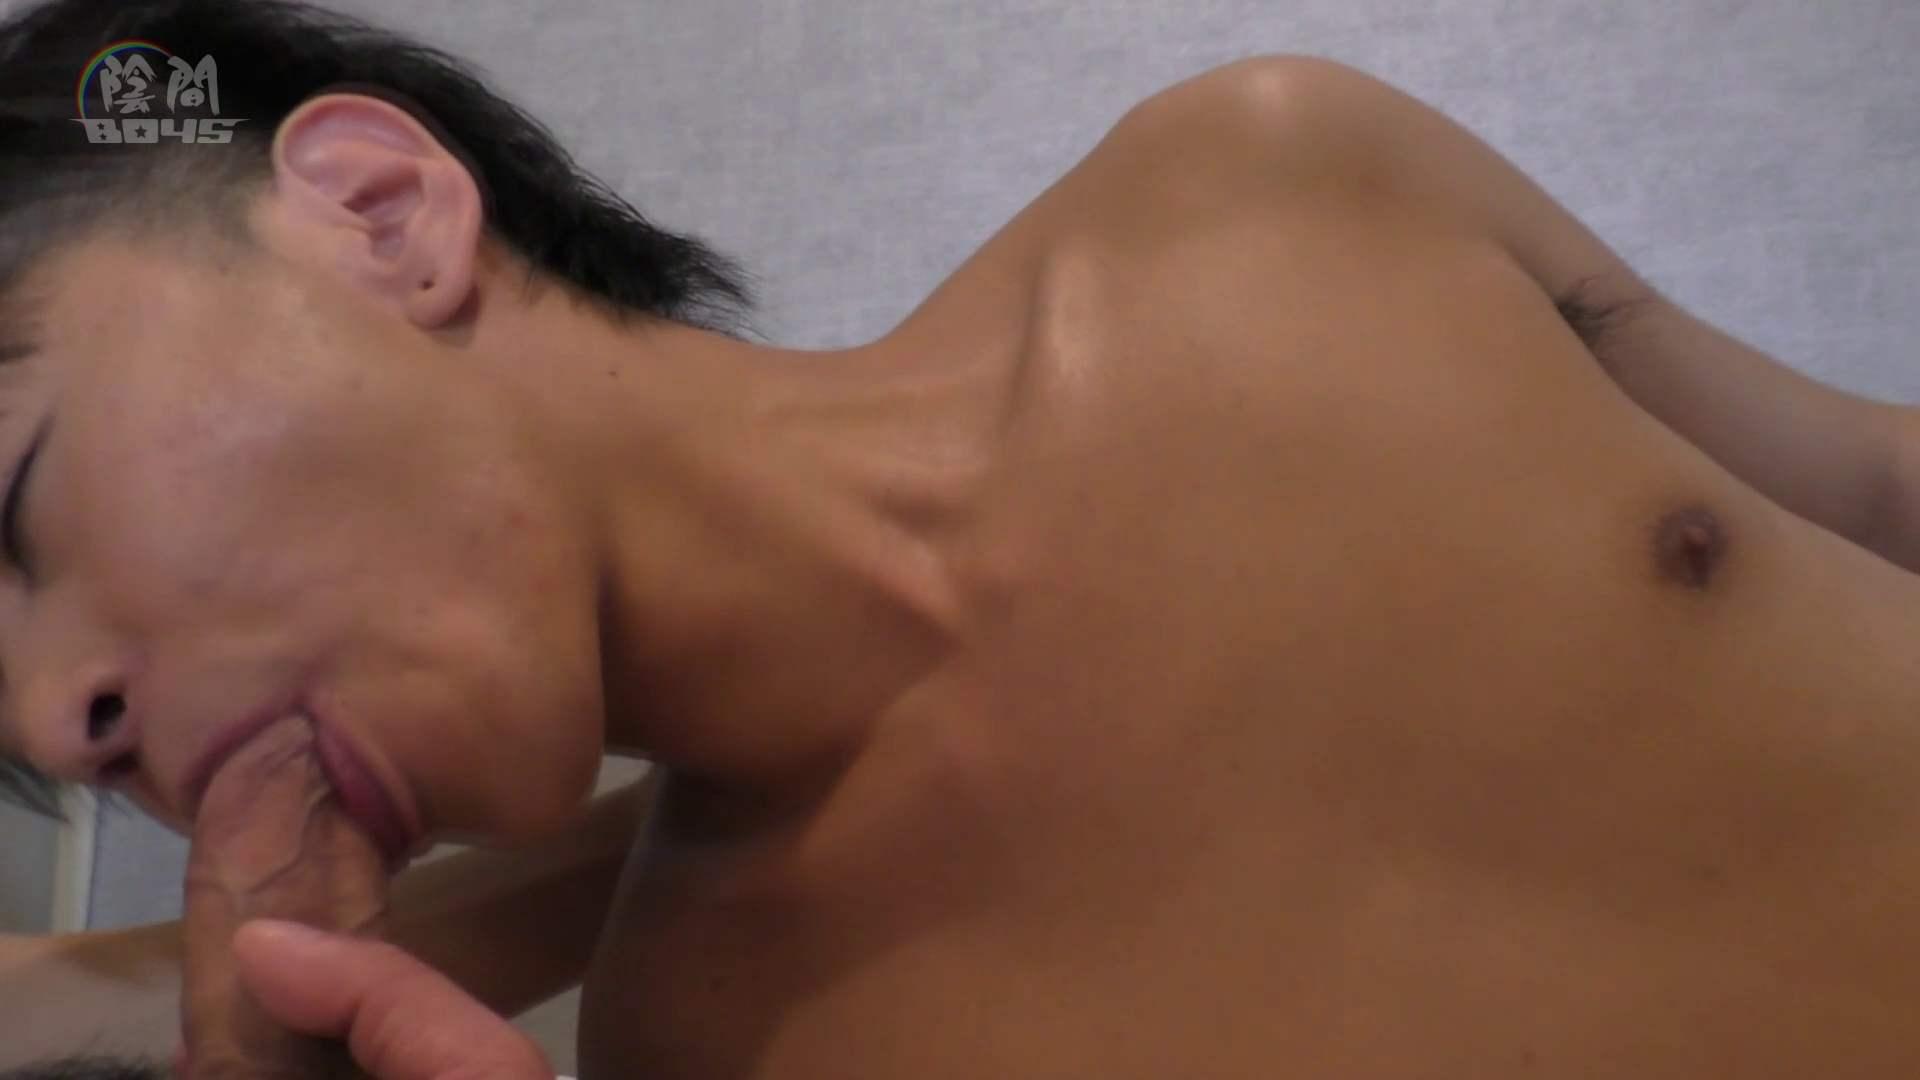 キャバクラの仕事はアナルから6  ~アナルの囁き~Vol.01 フェラ天国 ゲイエロ動画紹介 74枚 46